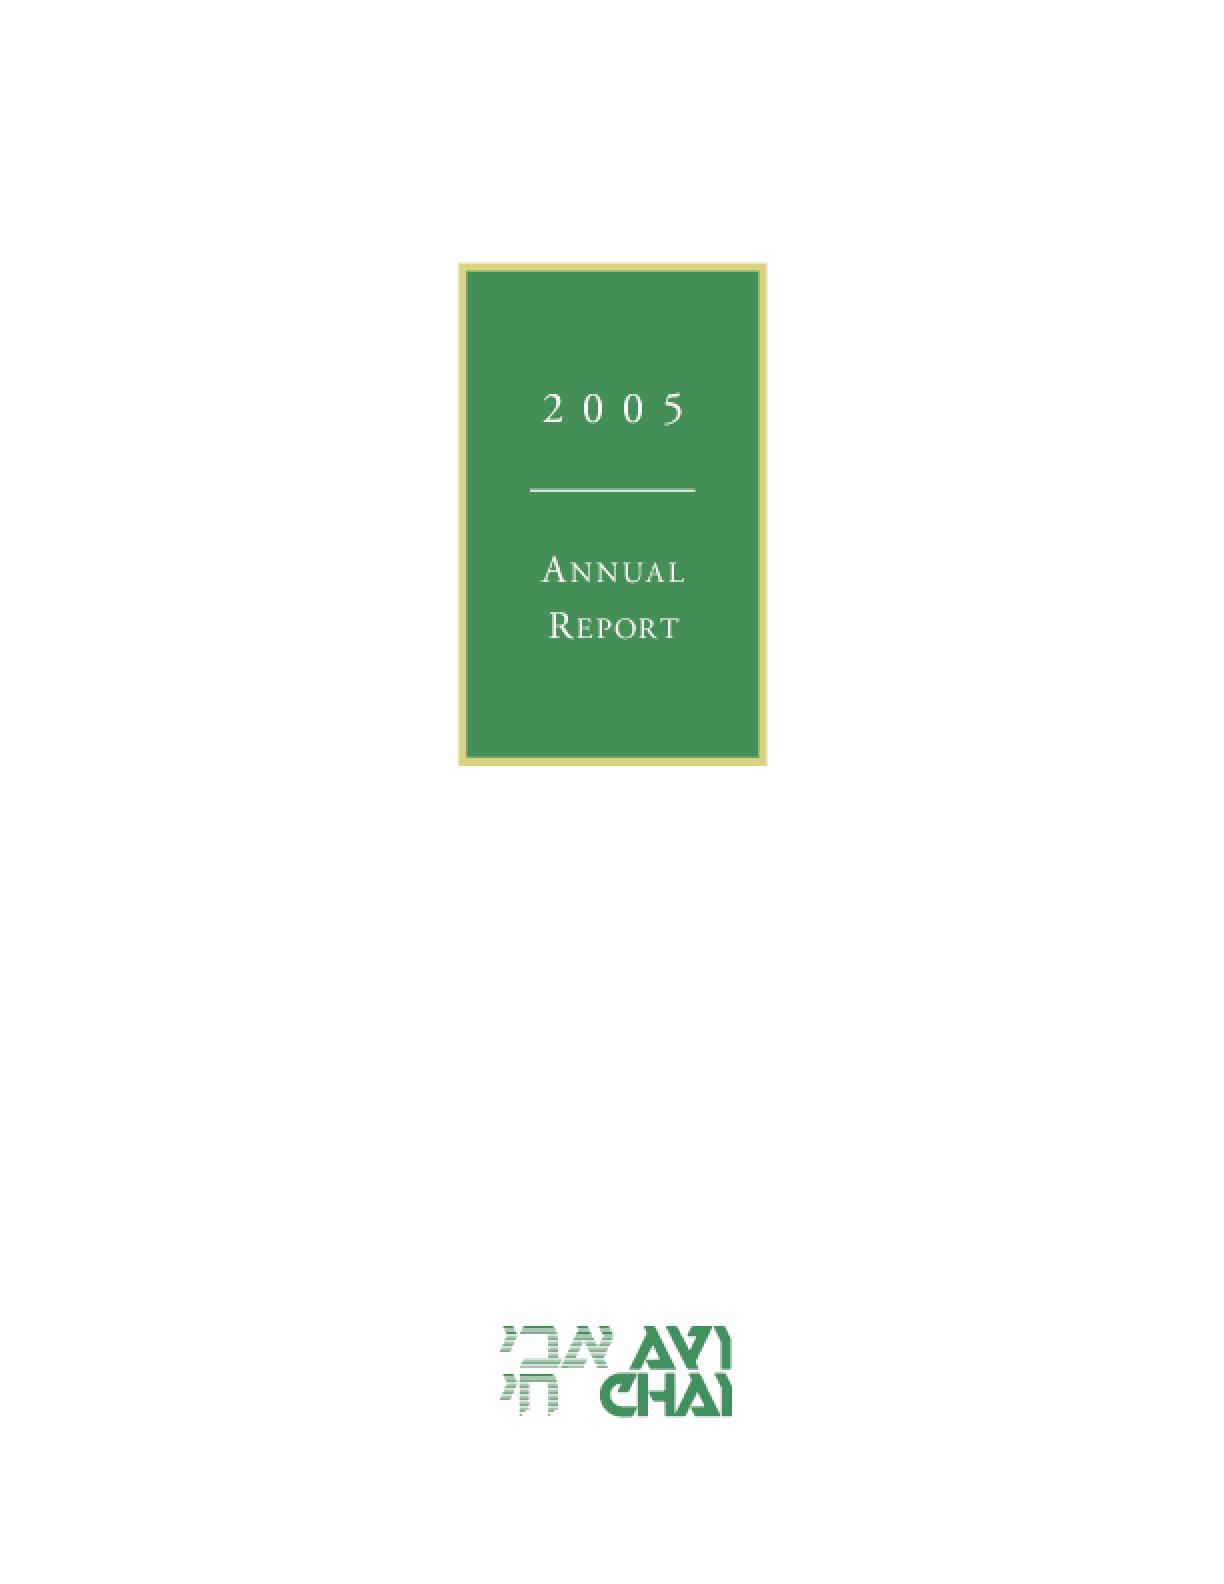 AVI CHAI Foundation - 2005 Annual Report